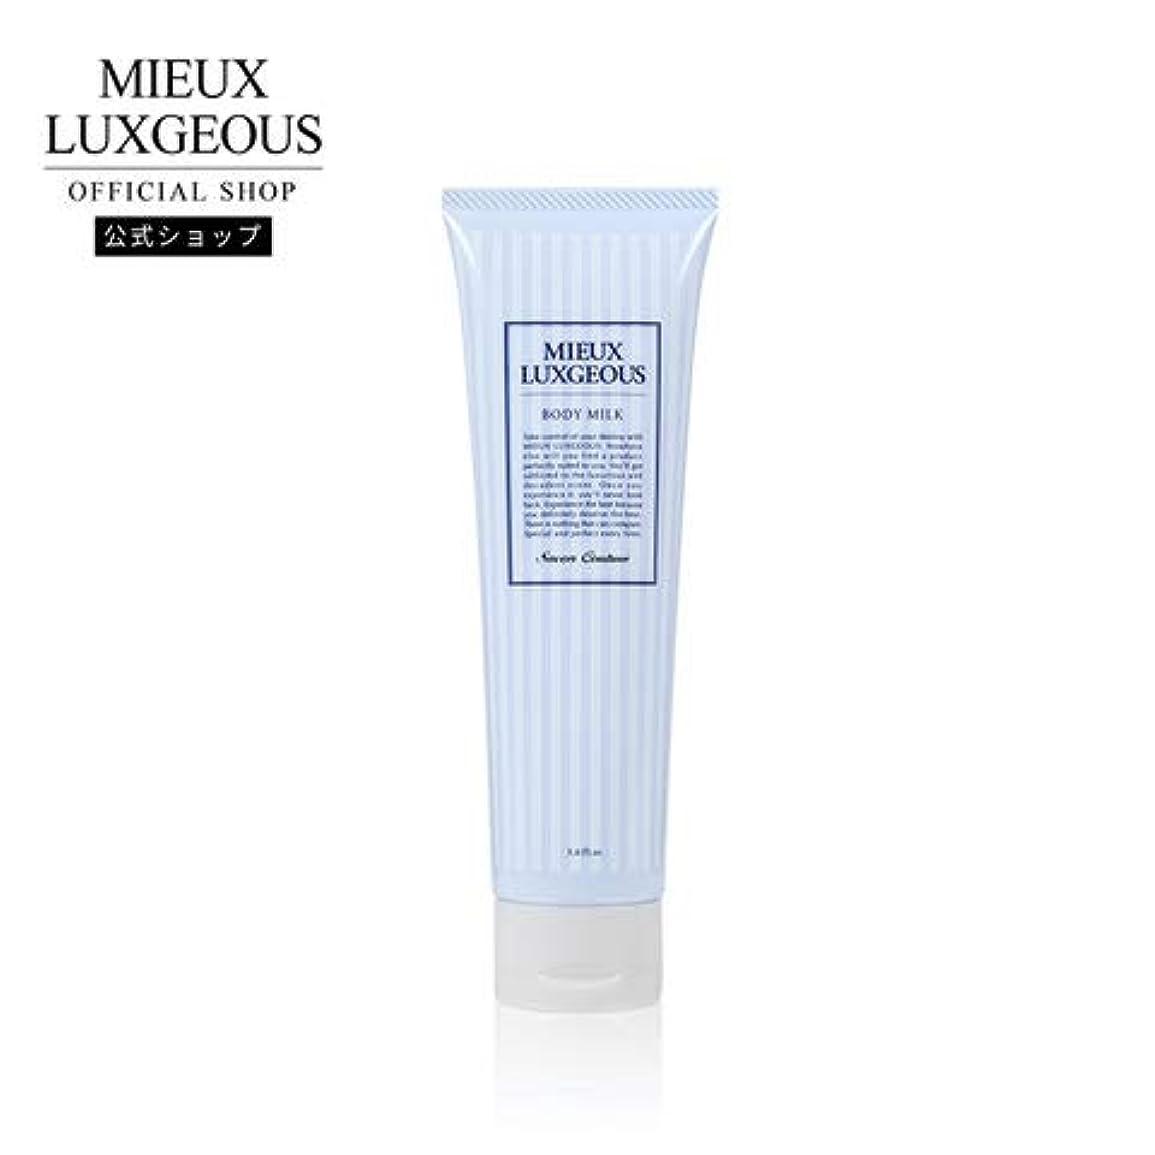 差別足首贈り物ミューラグジャス ボディミルク Savon Coutureの香り